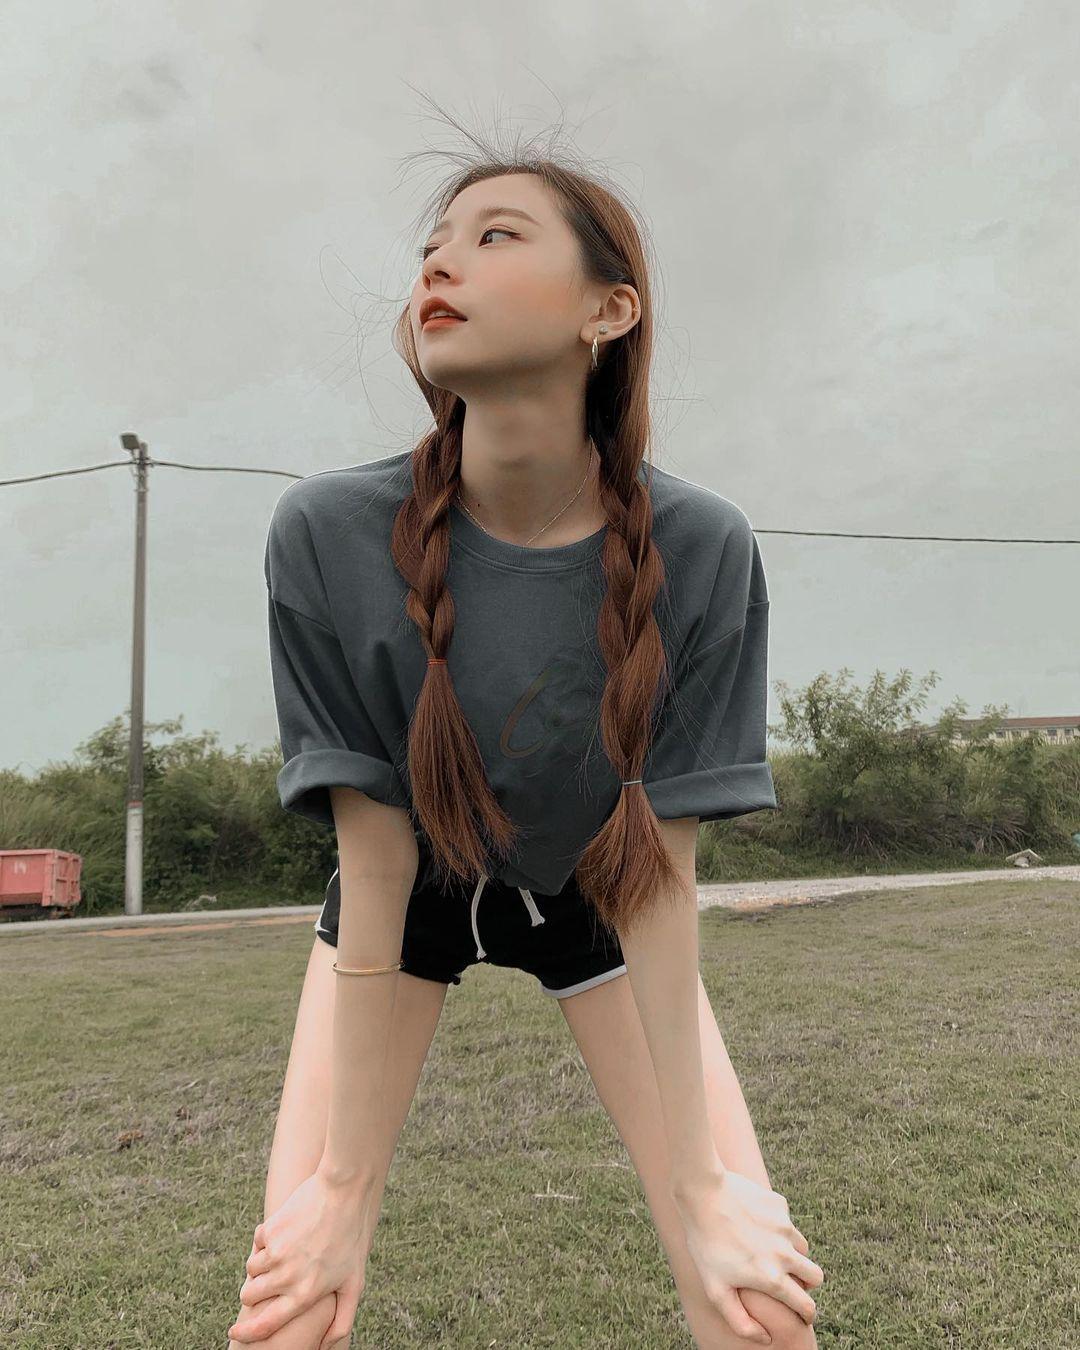 野外球场出没露嫩腿白皙窈窕正妹,俏皮挥拍甜喊:我也想参加奥运 养眼图片 第21张